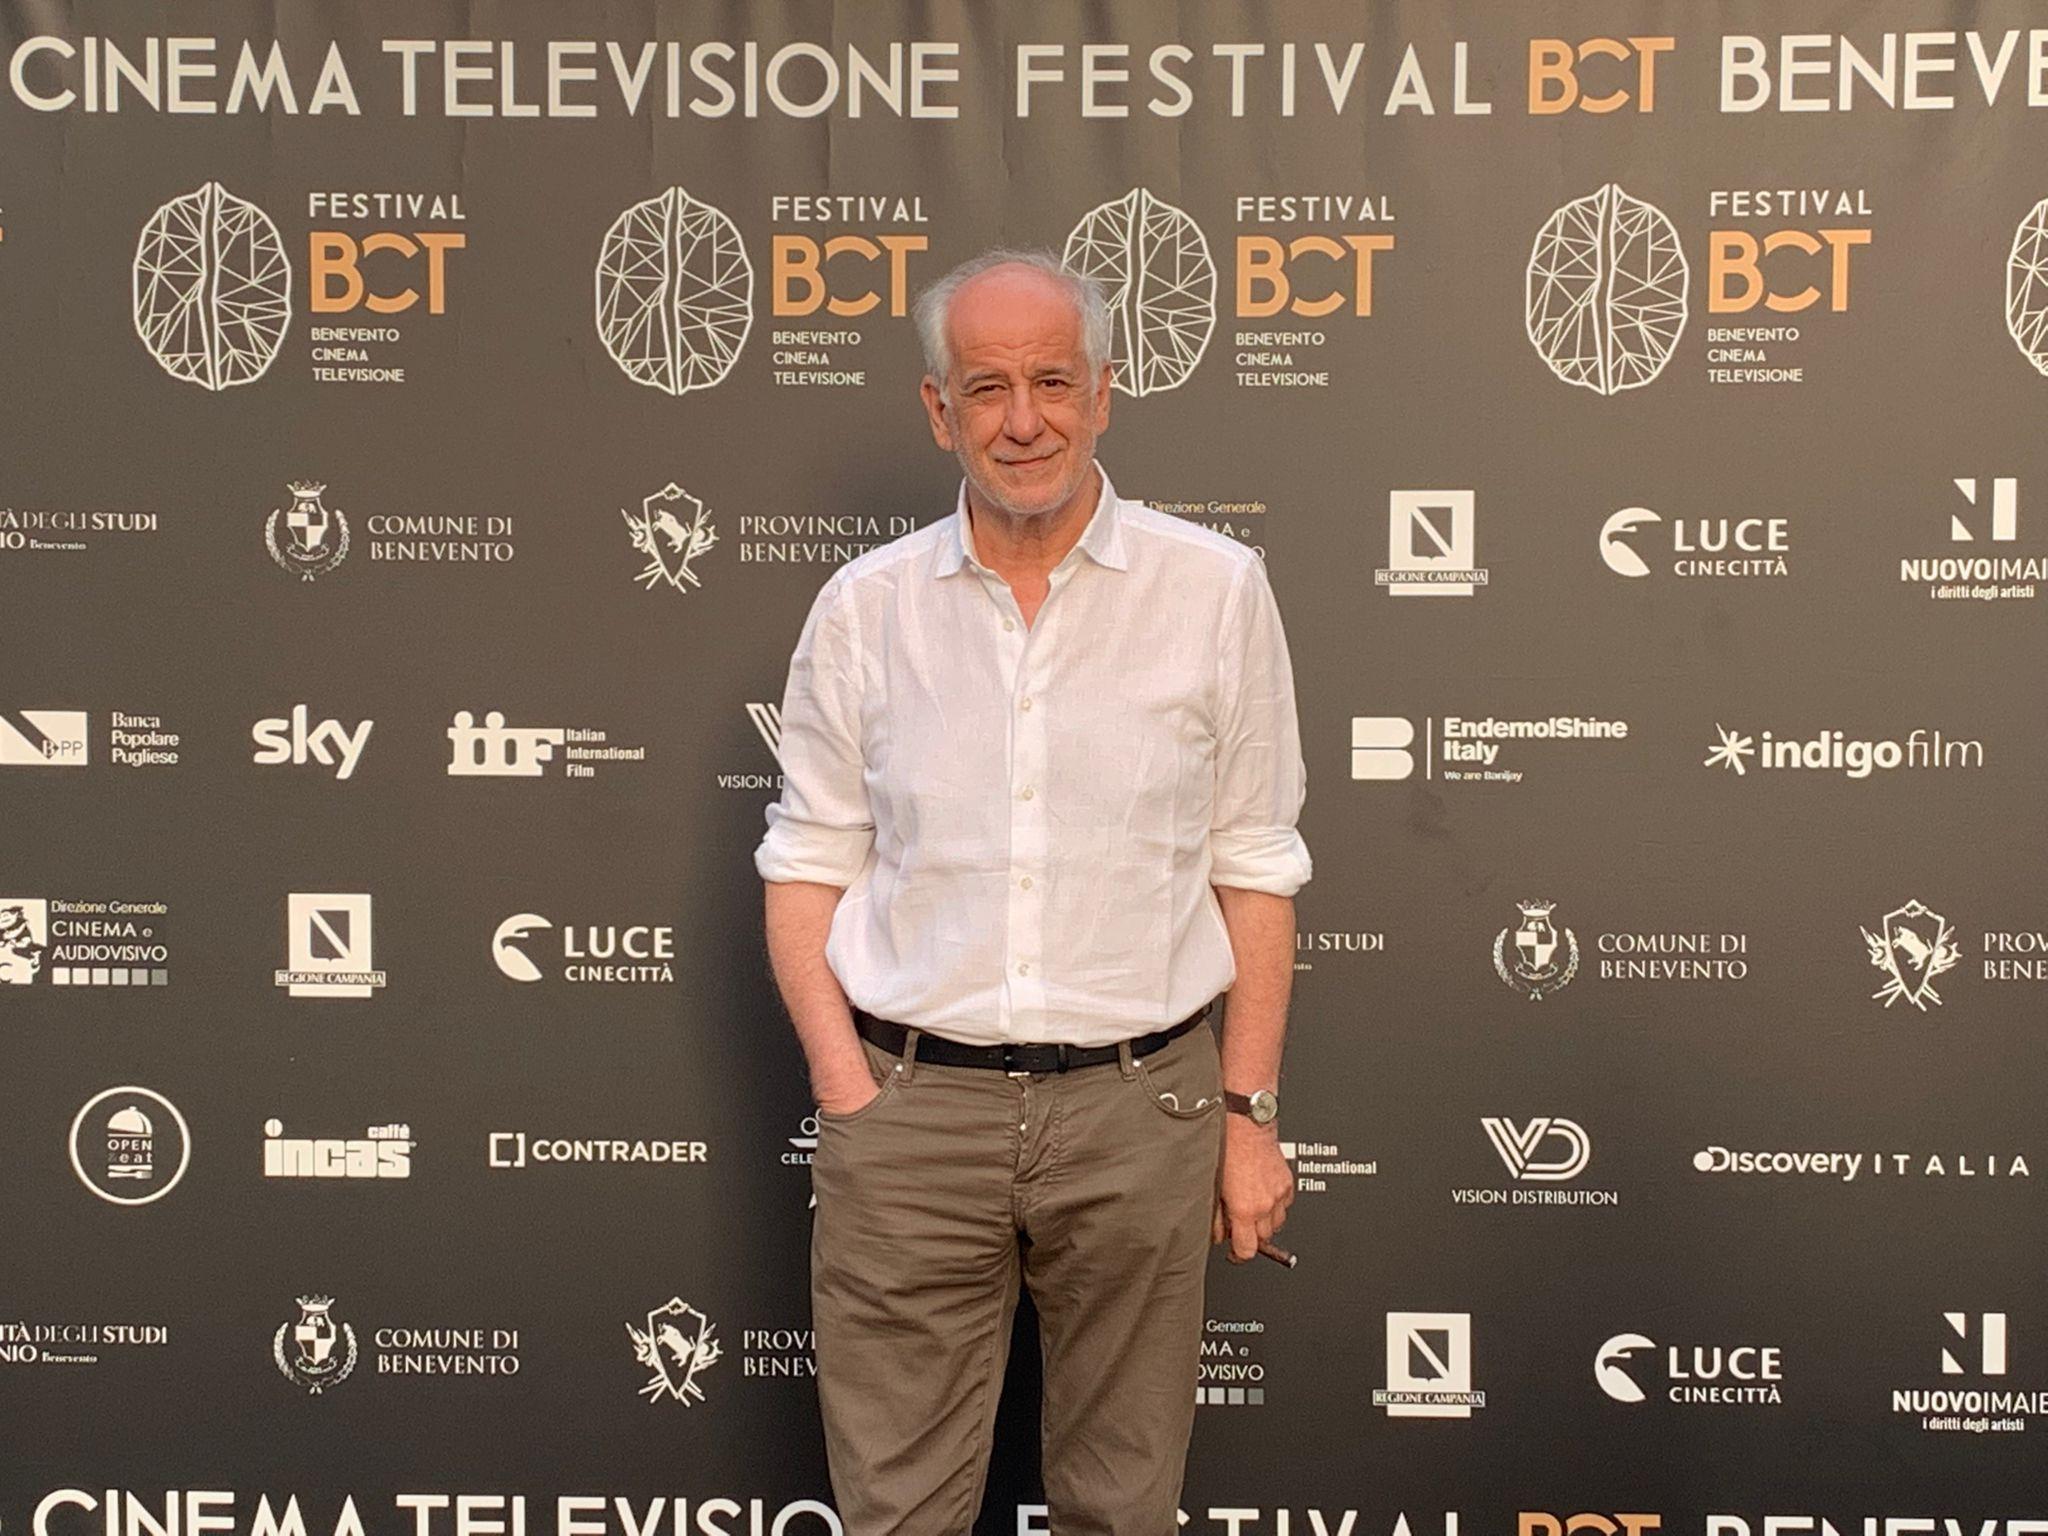 Toni Servillo Bct